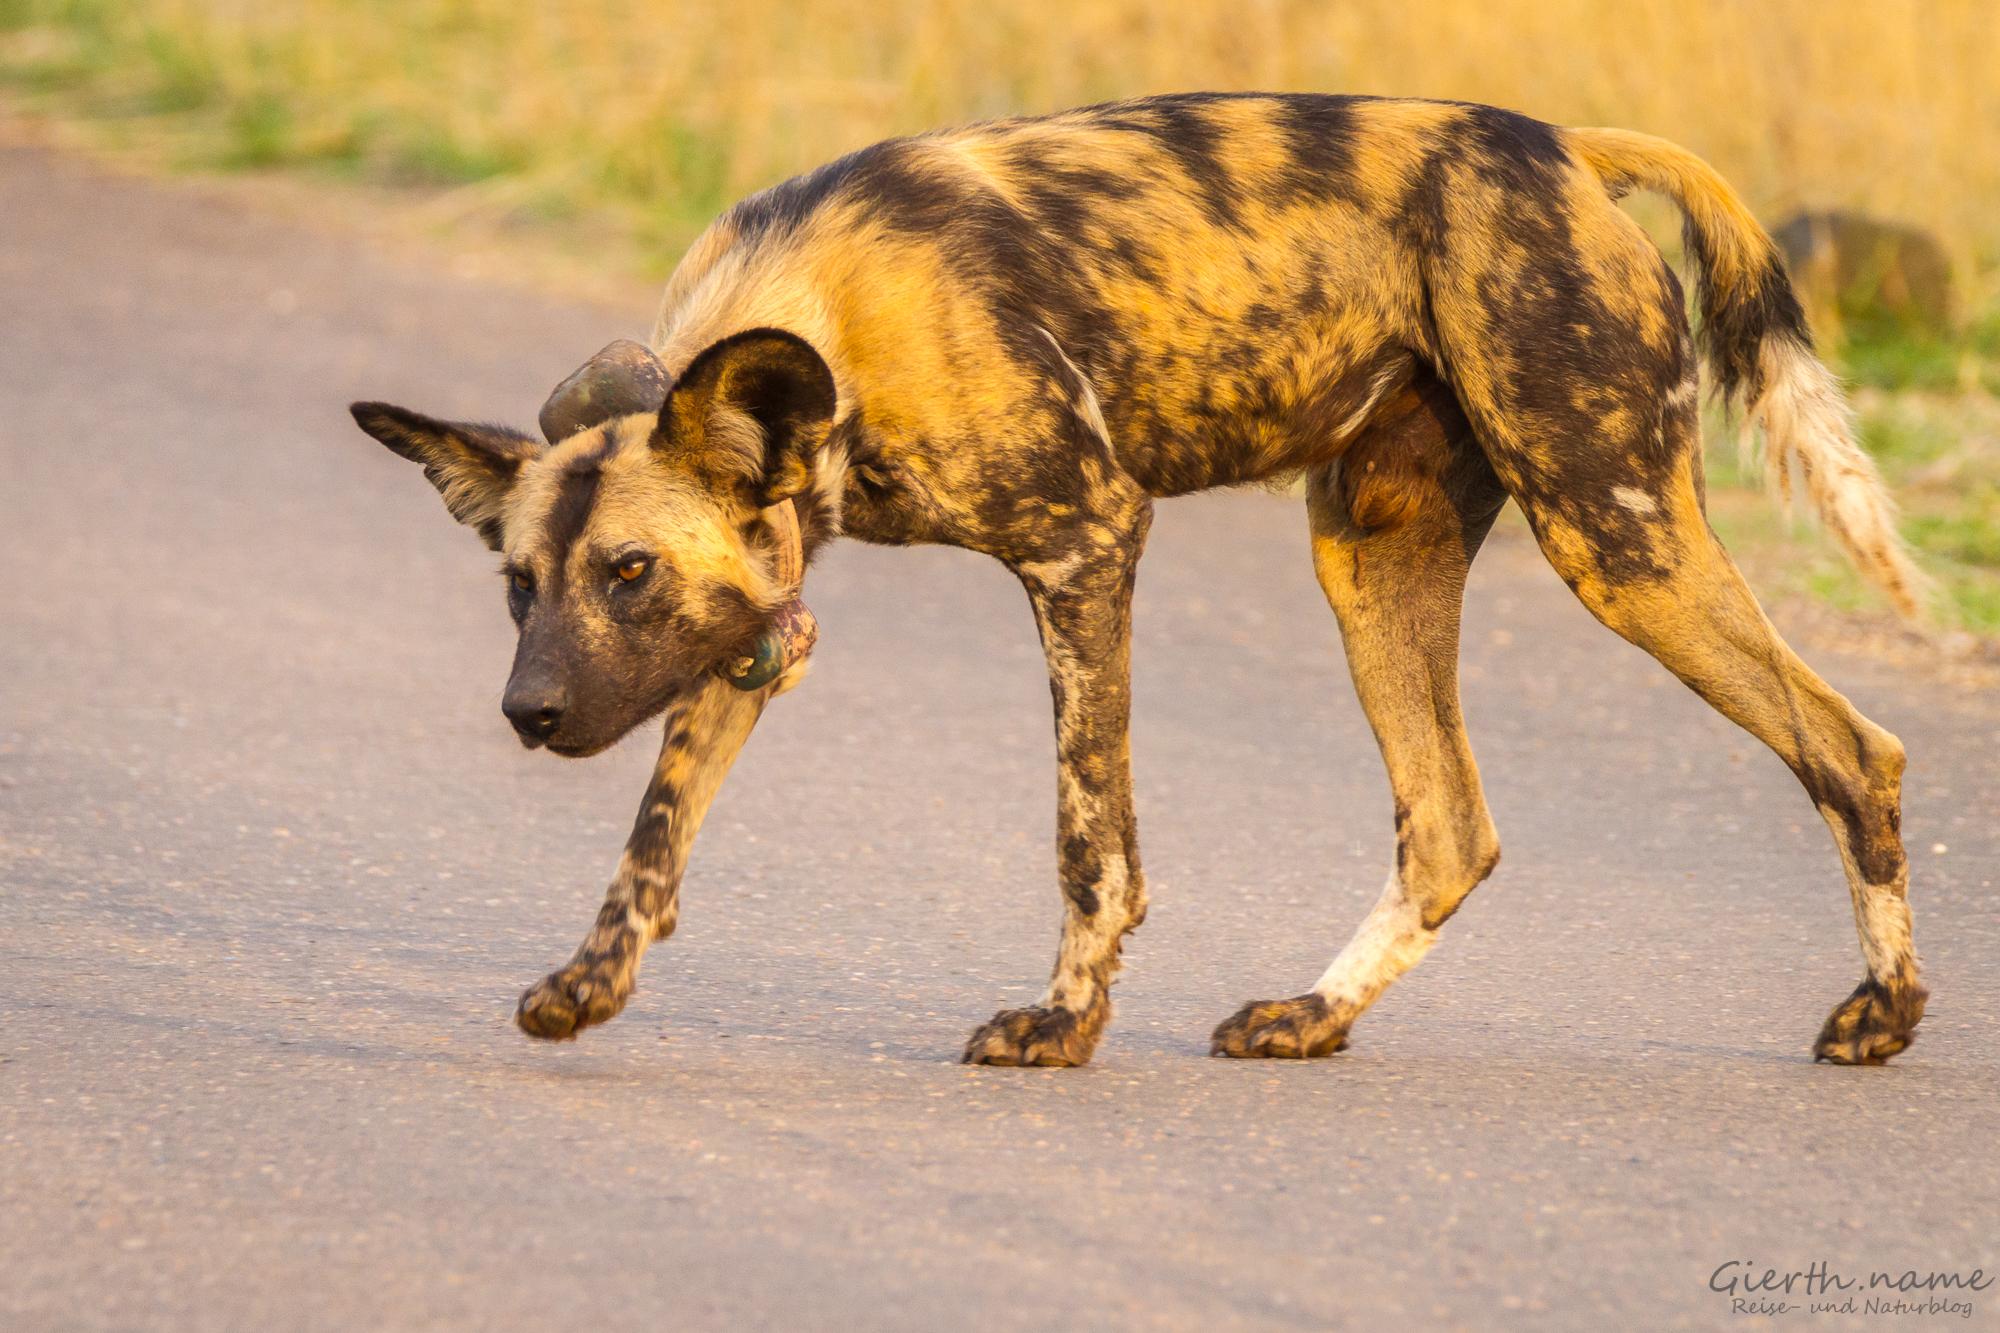 Afrikan Wild Dog with tag, Kruger Park, Afrikanischer Wildhund mit Sender, Krüger Nationalpark